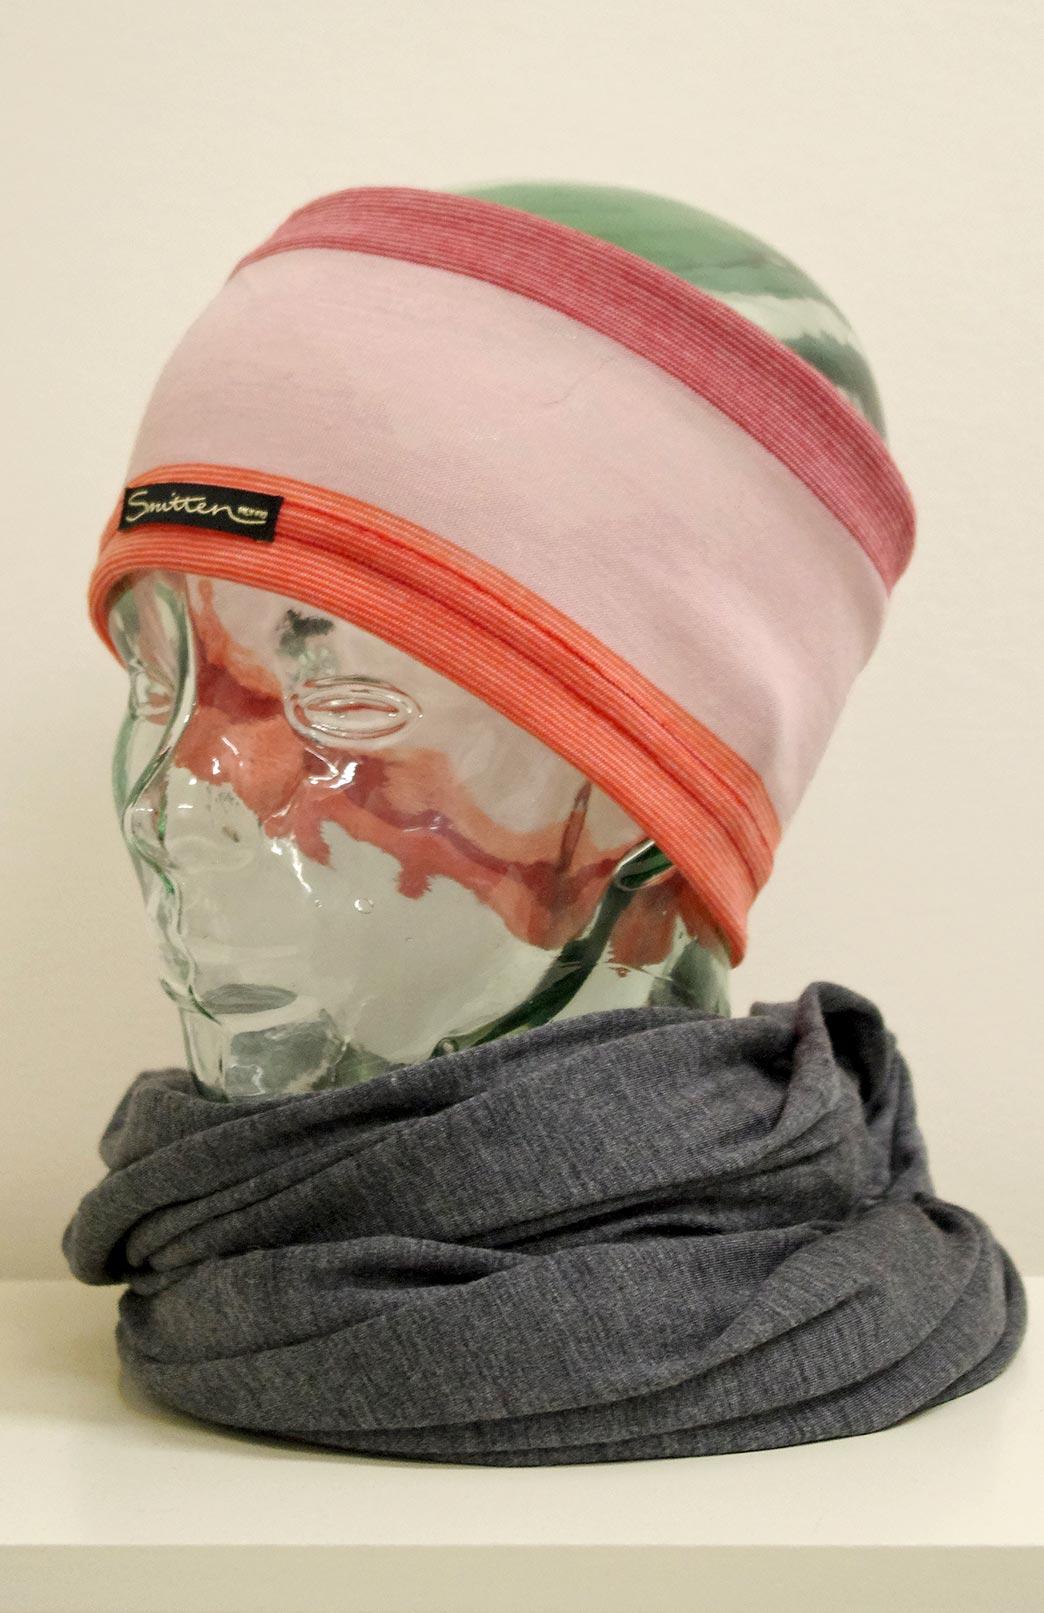 Headband / Ear Warmer - Unisex Pink Orange Multi Merino Wool Headband and Ear Warmer - Smitten Merino Tasmania Australia